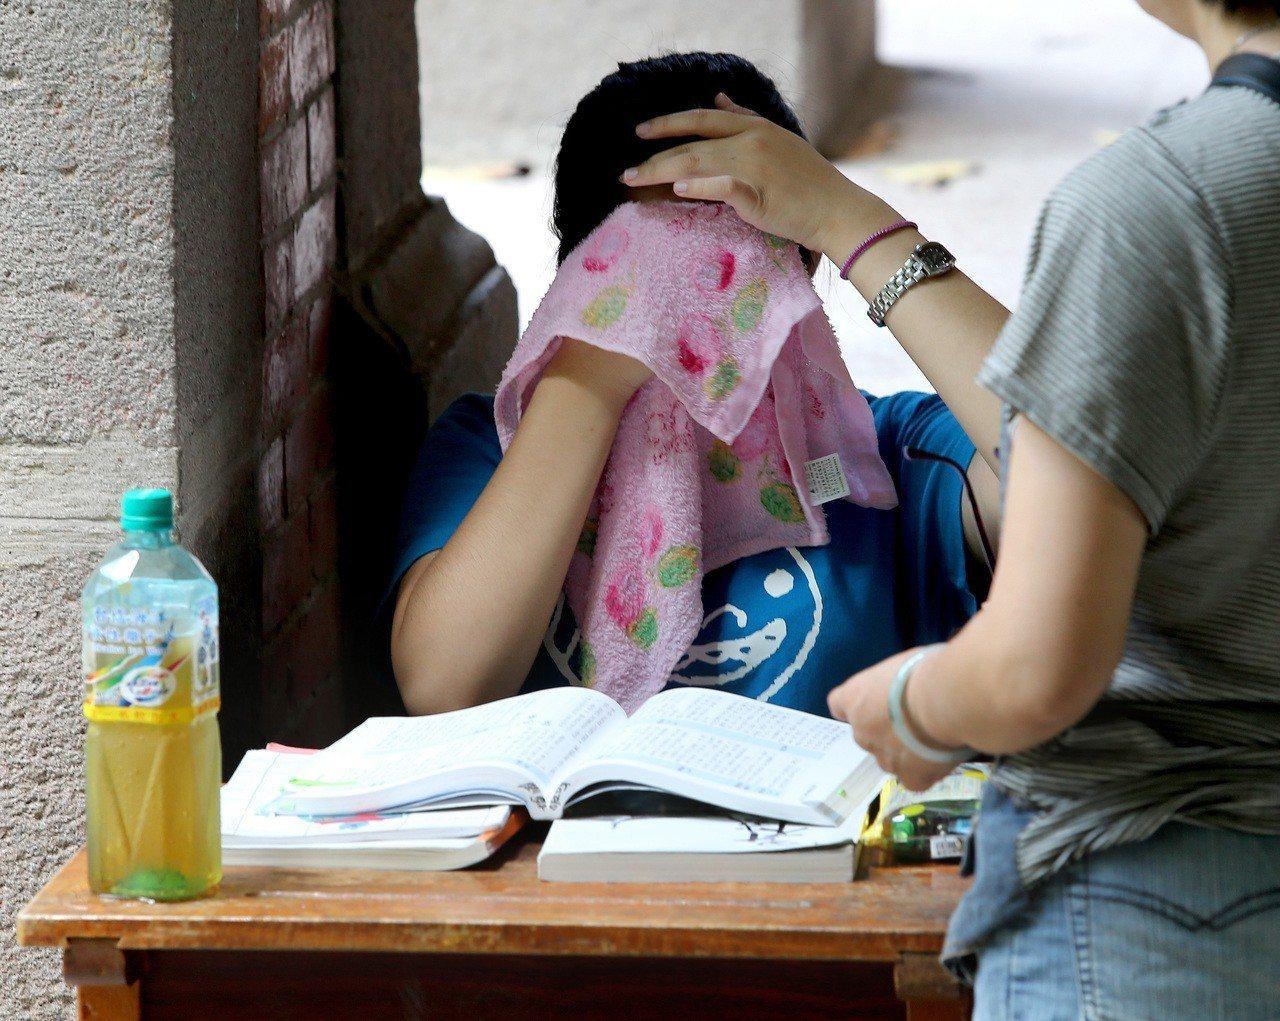 大學指考氣溫炎熱,建中考場內一名考生在走廊上一邊看書,一邊用毛巾擦汗。聯合報系資...